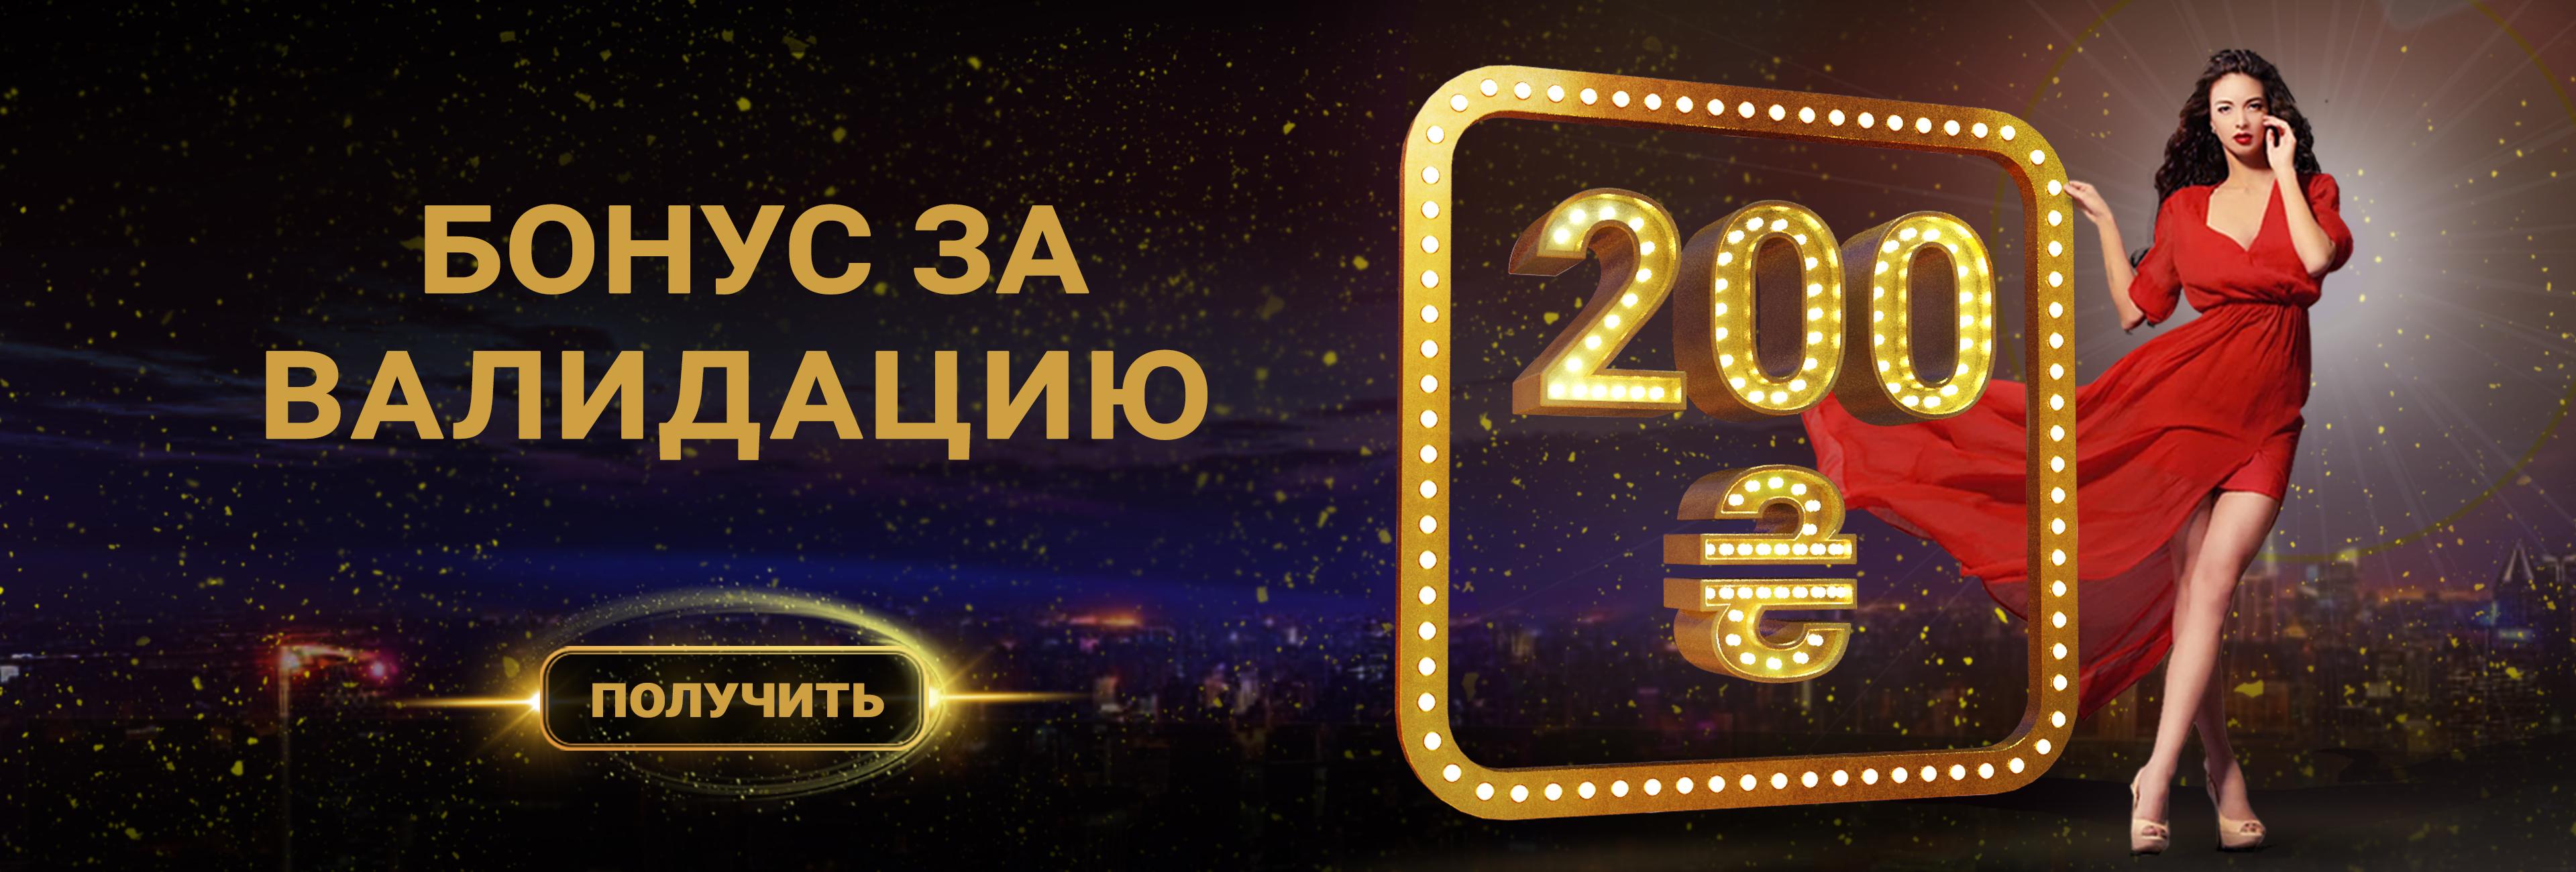 Преимущества казино SlotsCity с лицензией Украины